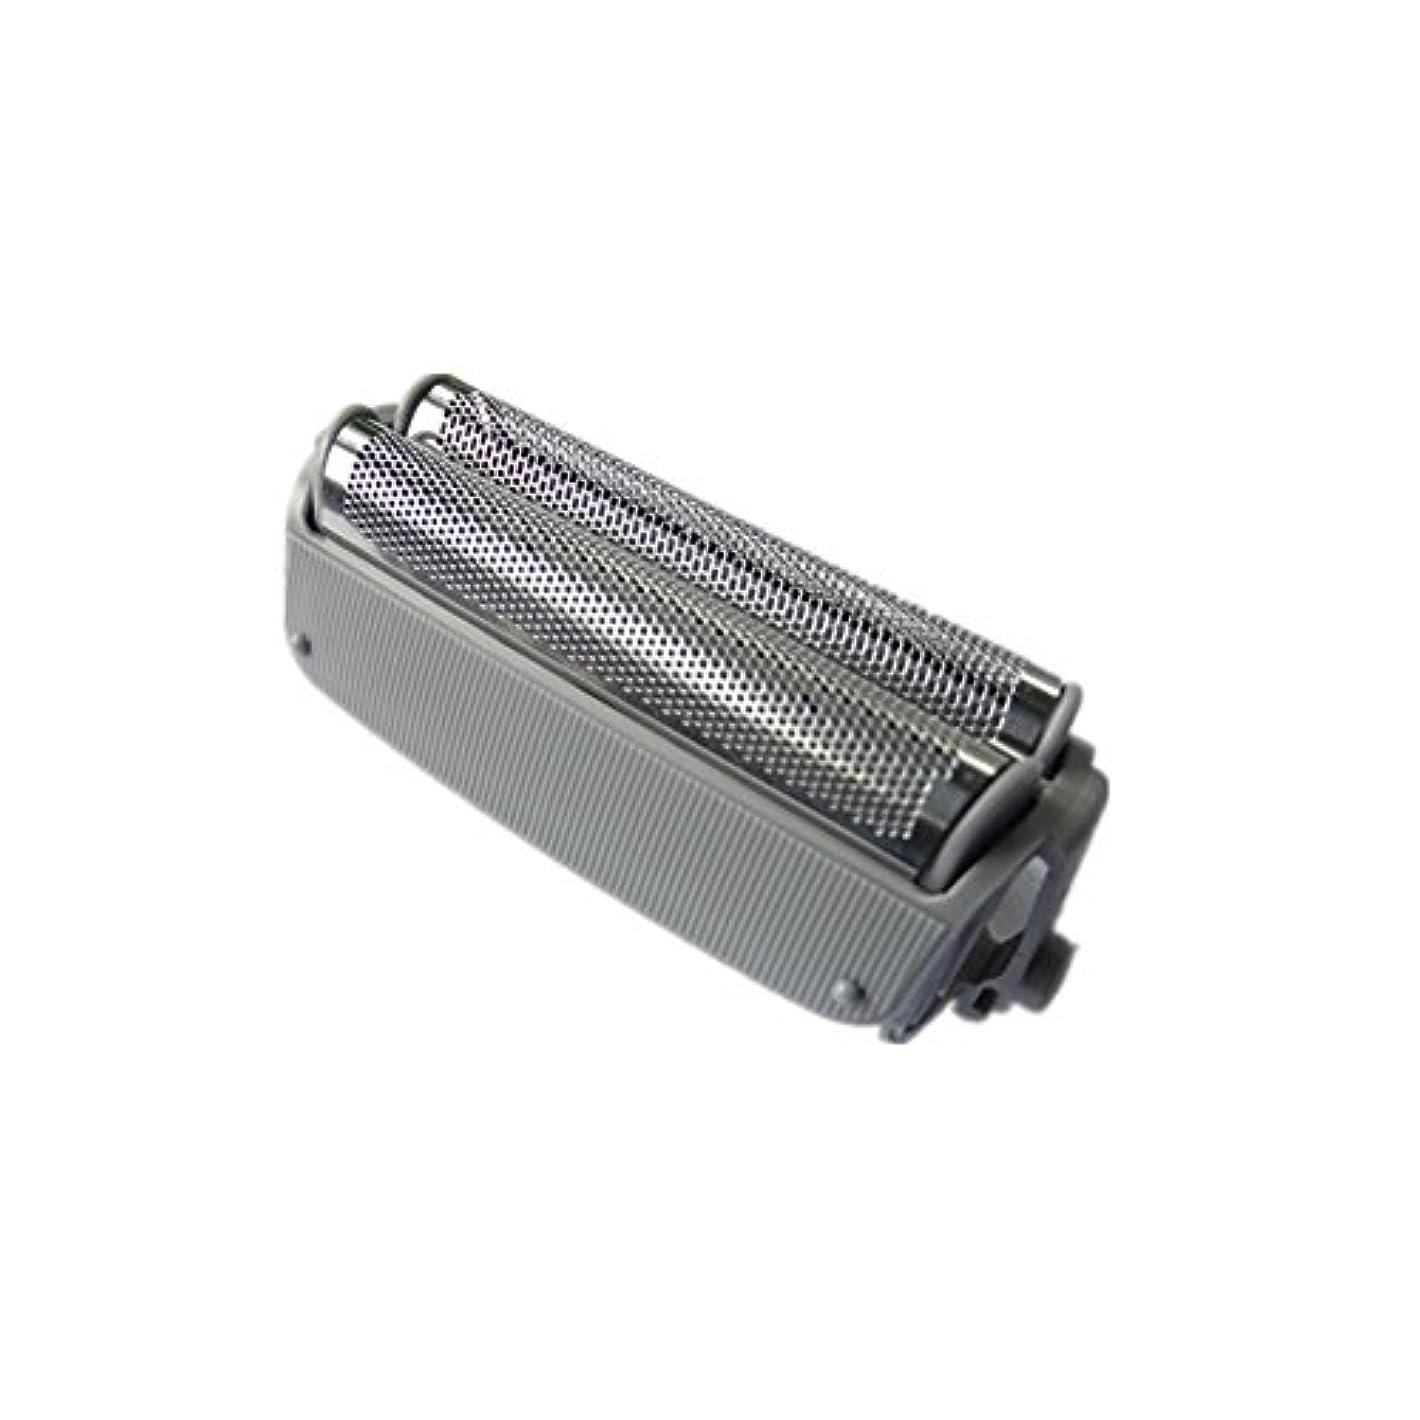 おメニュー解決HZjundasi Replacement Shaver Outer ホイル for Panasonic?ES4033/4035/4036/4027/RW30